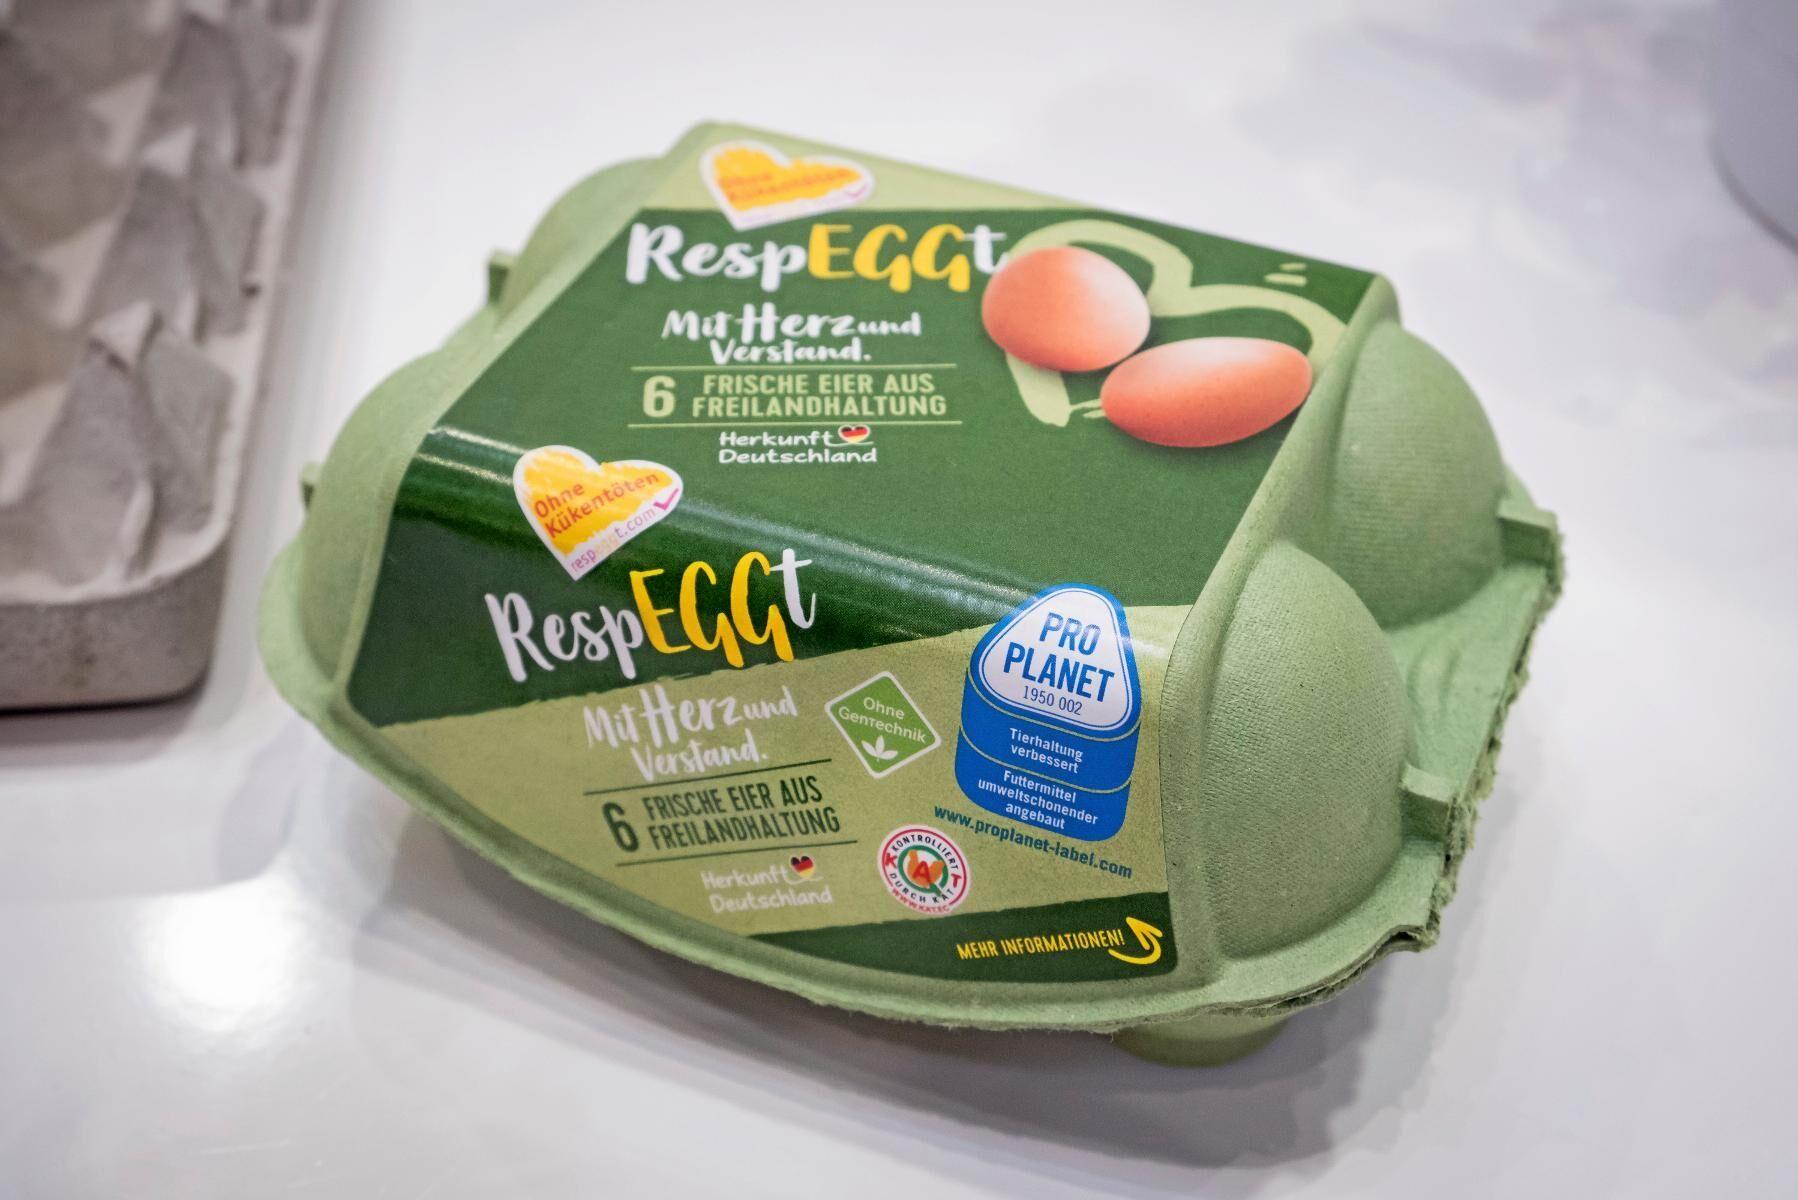 """I Tyskland säljs ägg märkta """"Utan kycklingdödande"""" under varumärket Respeggt."""